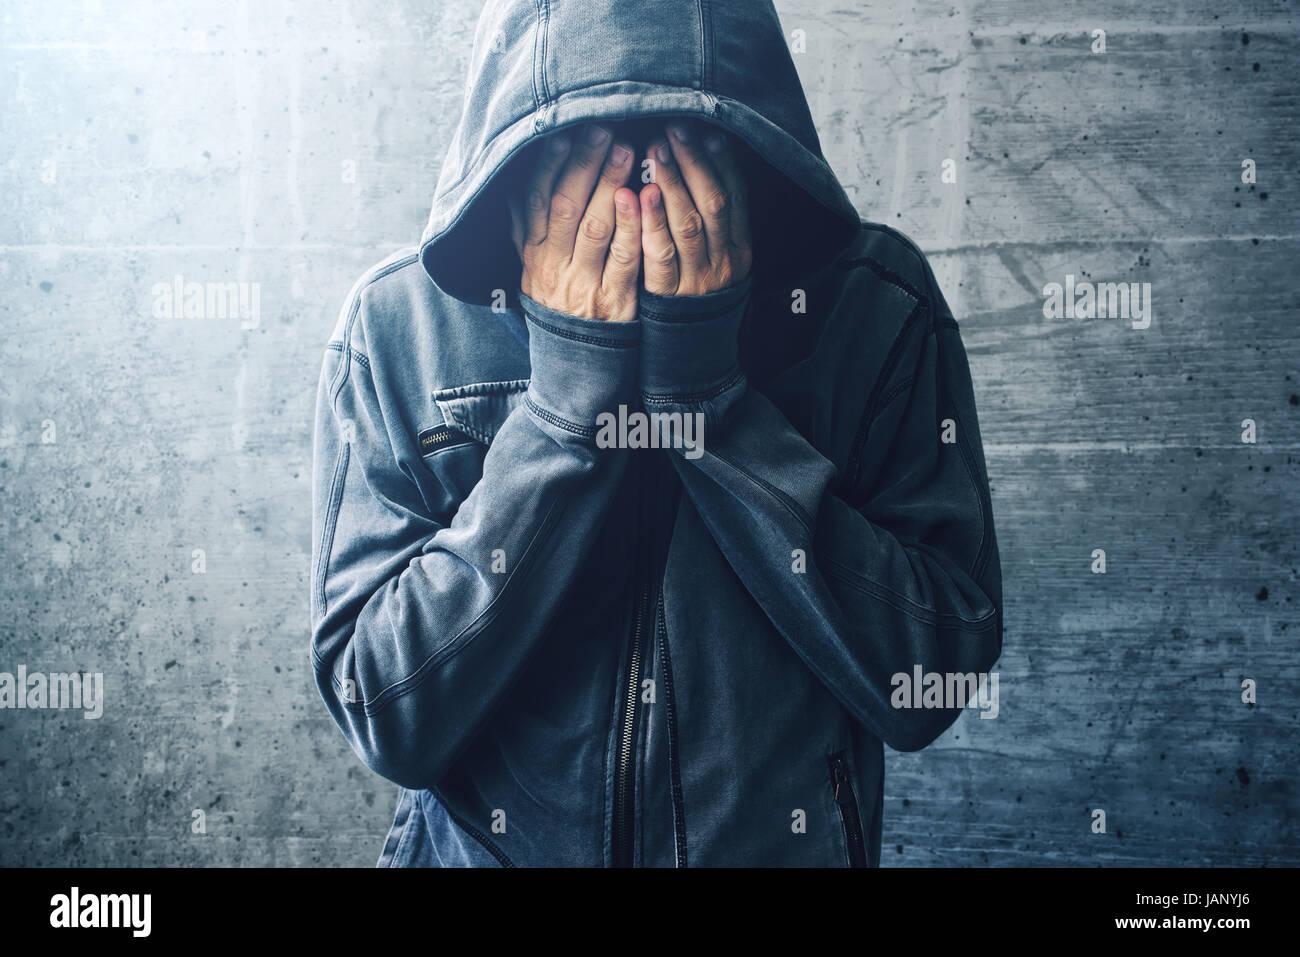 Disperato tossicodipendente andando attraverso la dipendenza crisi, Ritratto di giovane adulto con sostanza dipendenza Immagini Stock